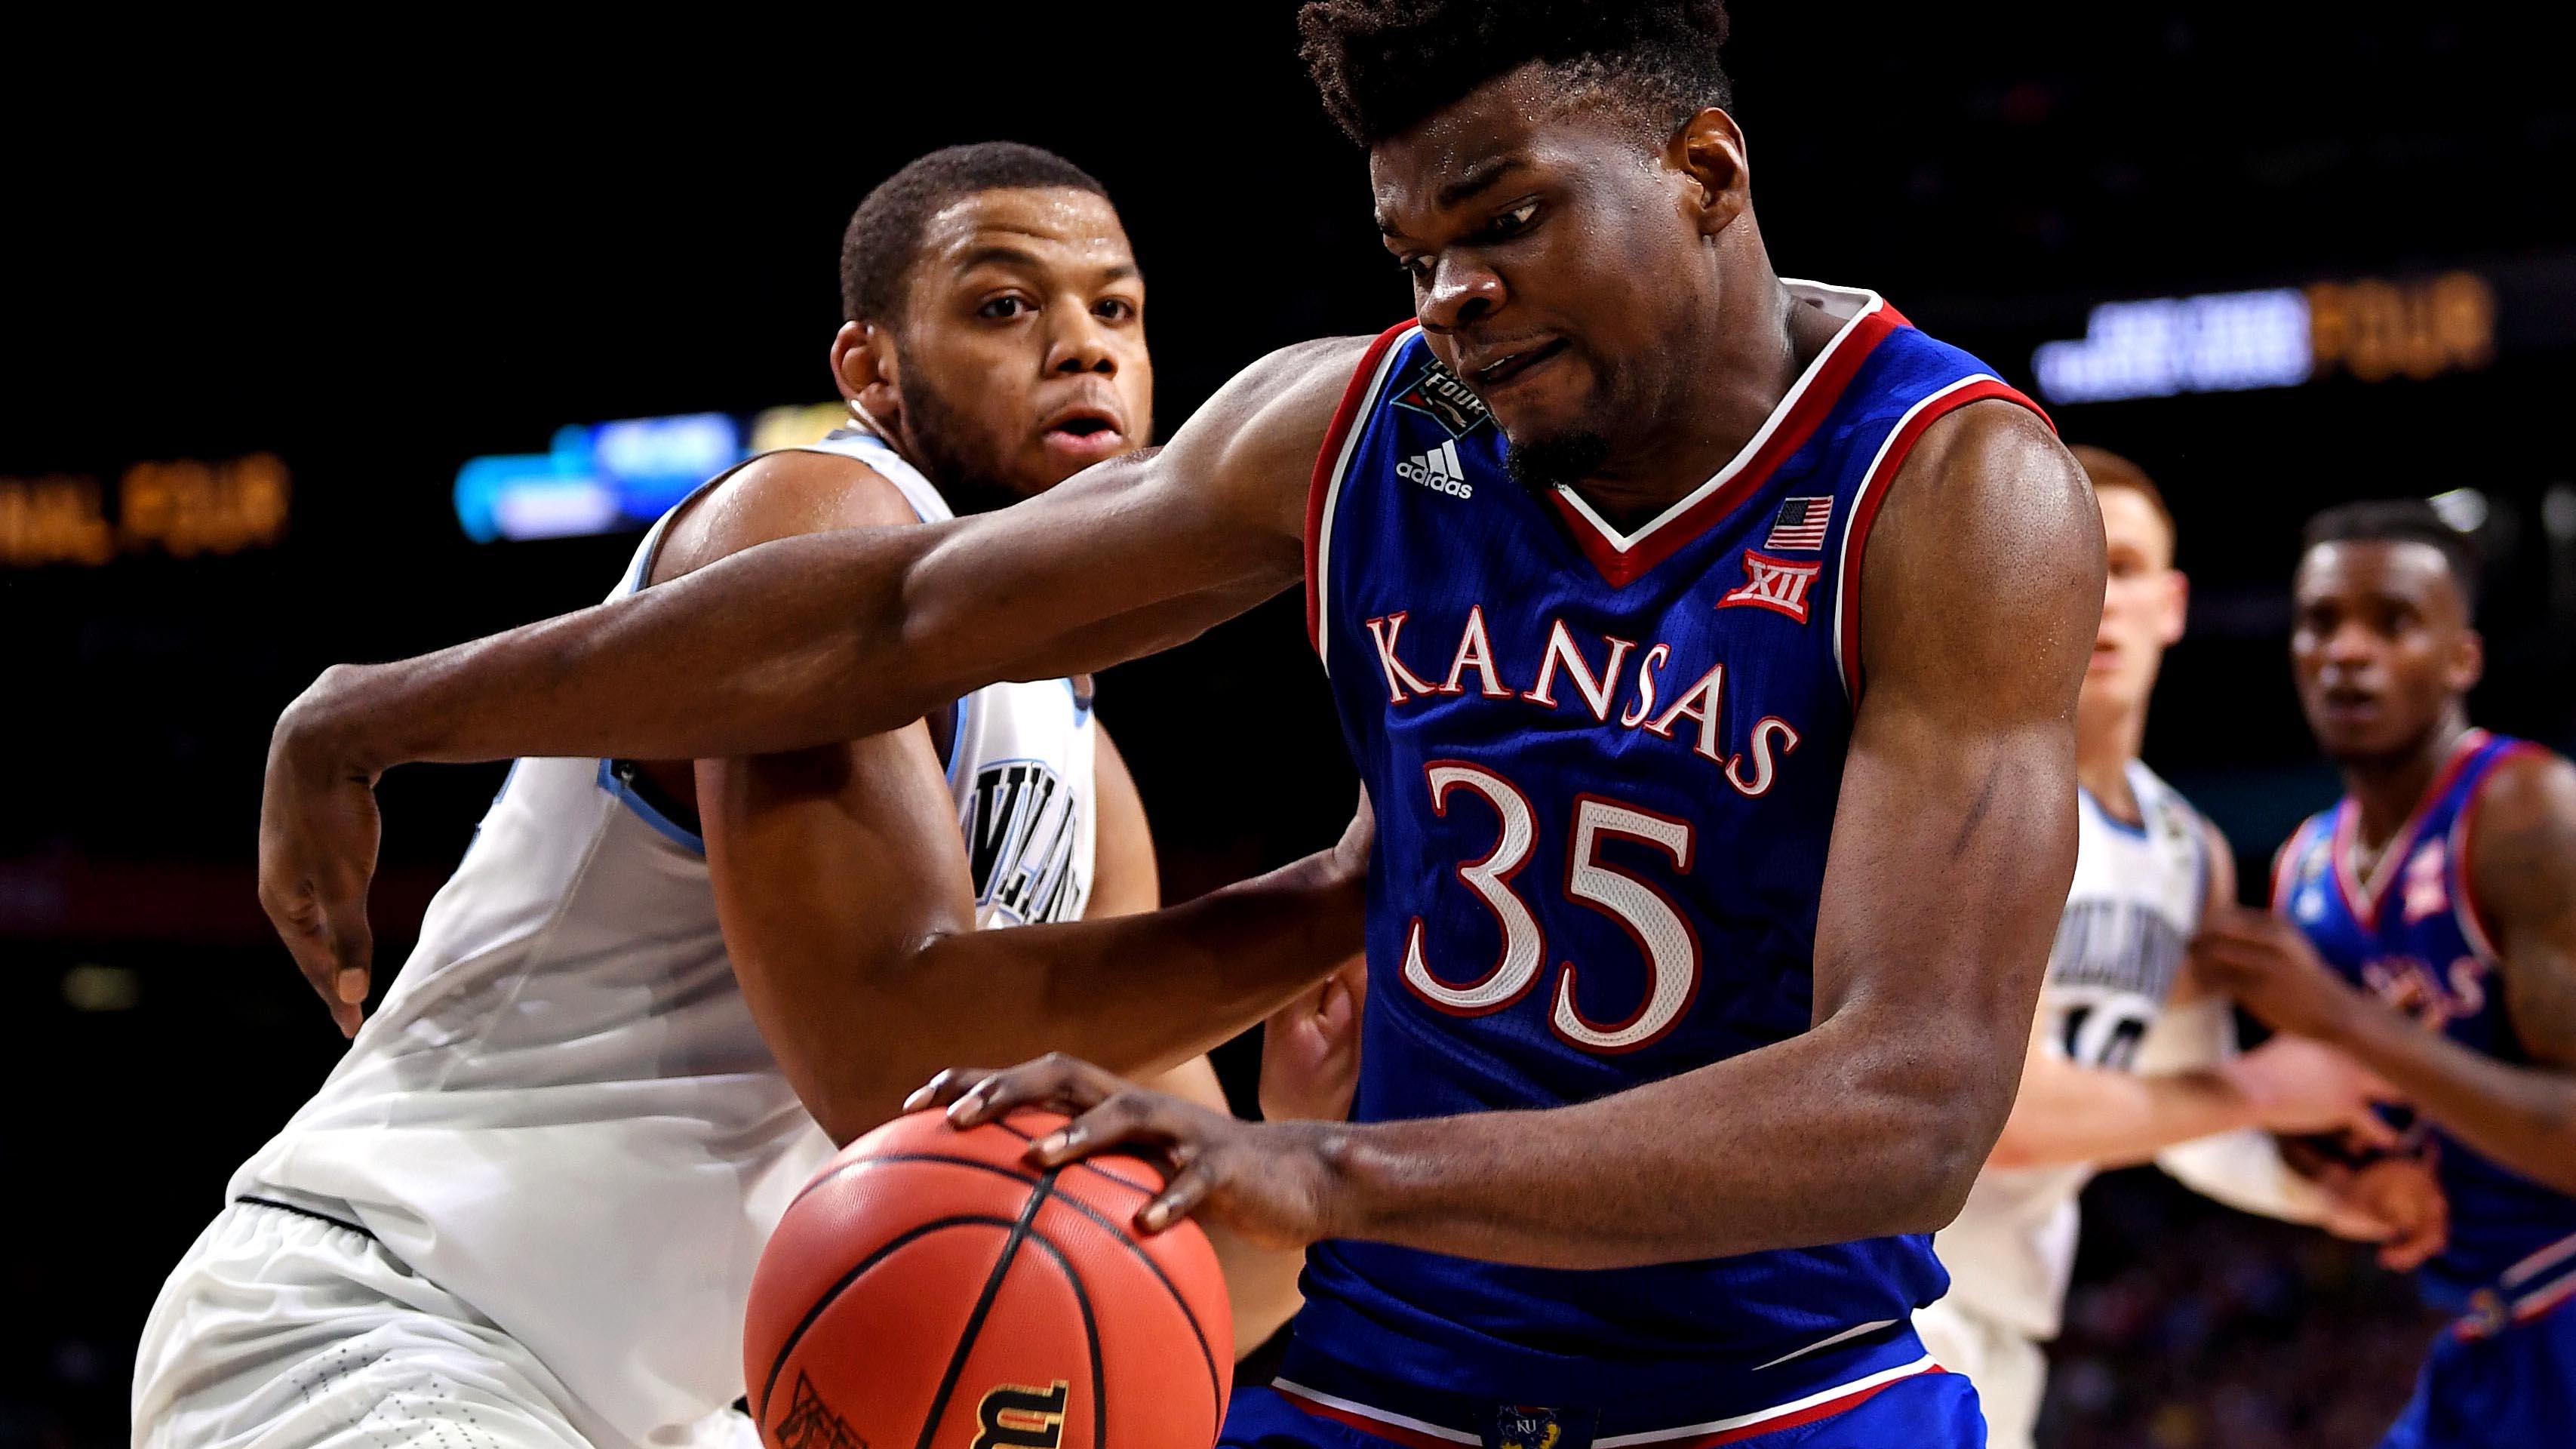 Kansas center Udoka Azubuike drives to the rim